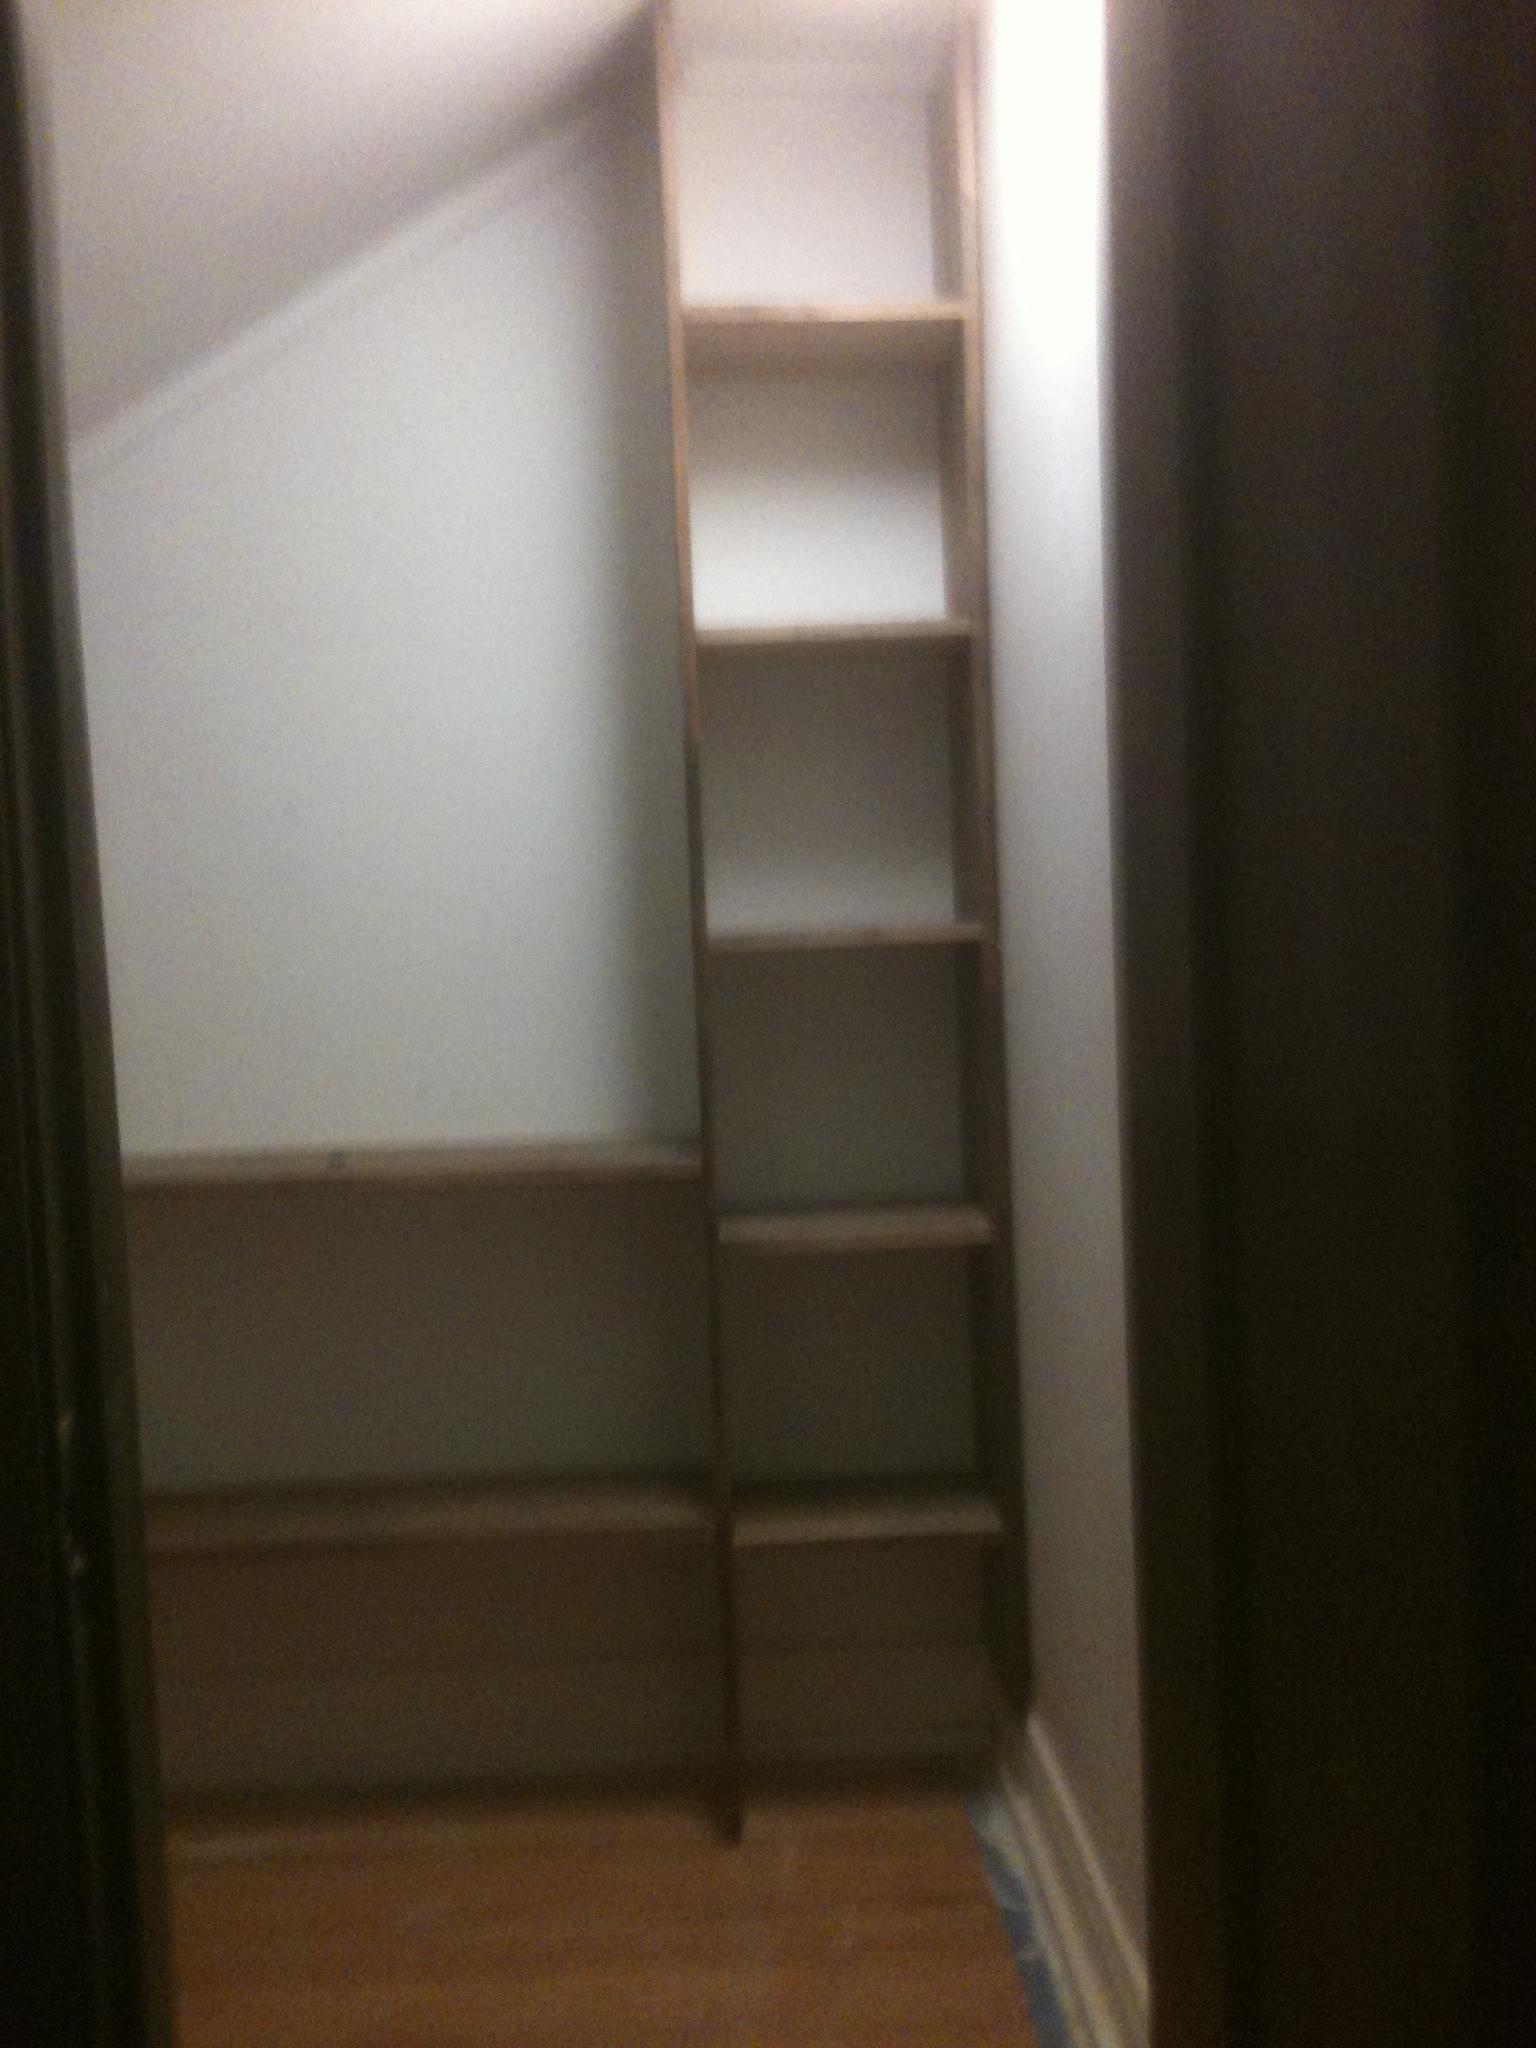 closet shelves. Black Bedroom Furniture Sets. Home Design Ideas